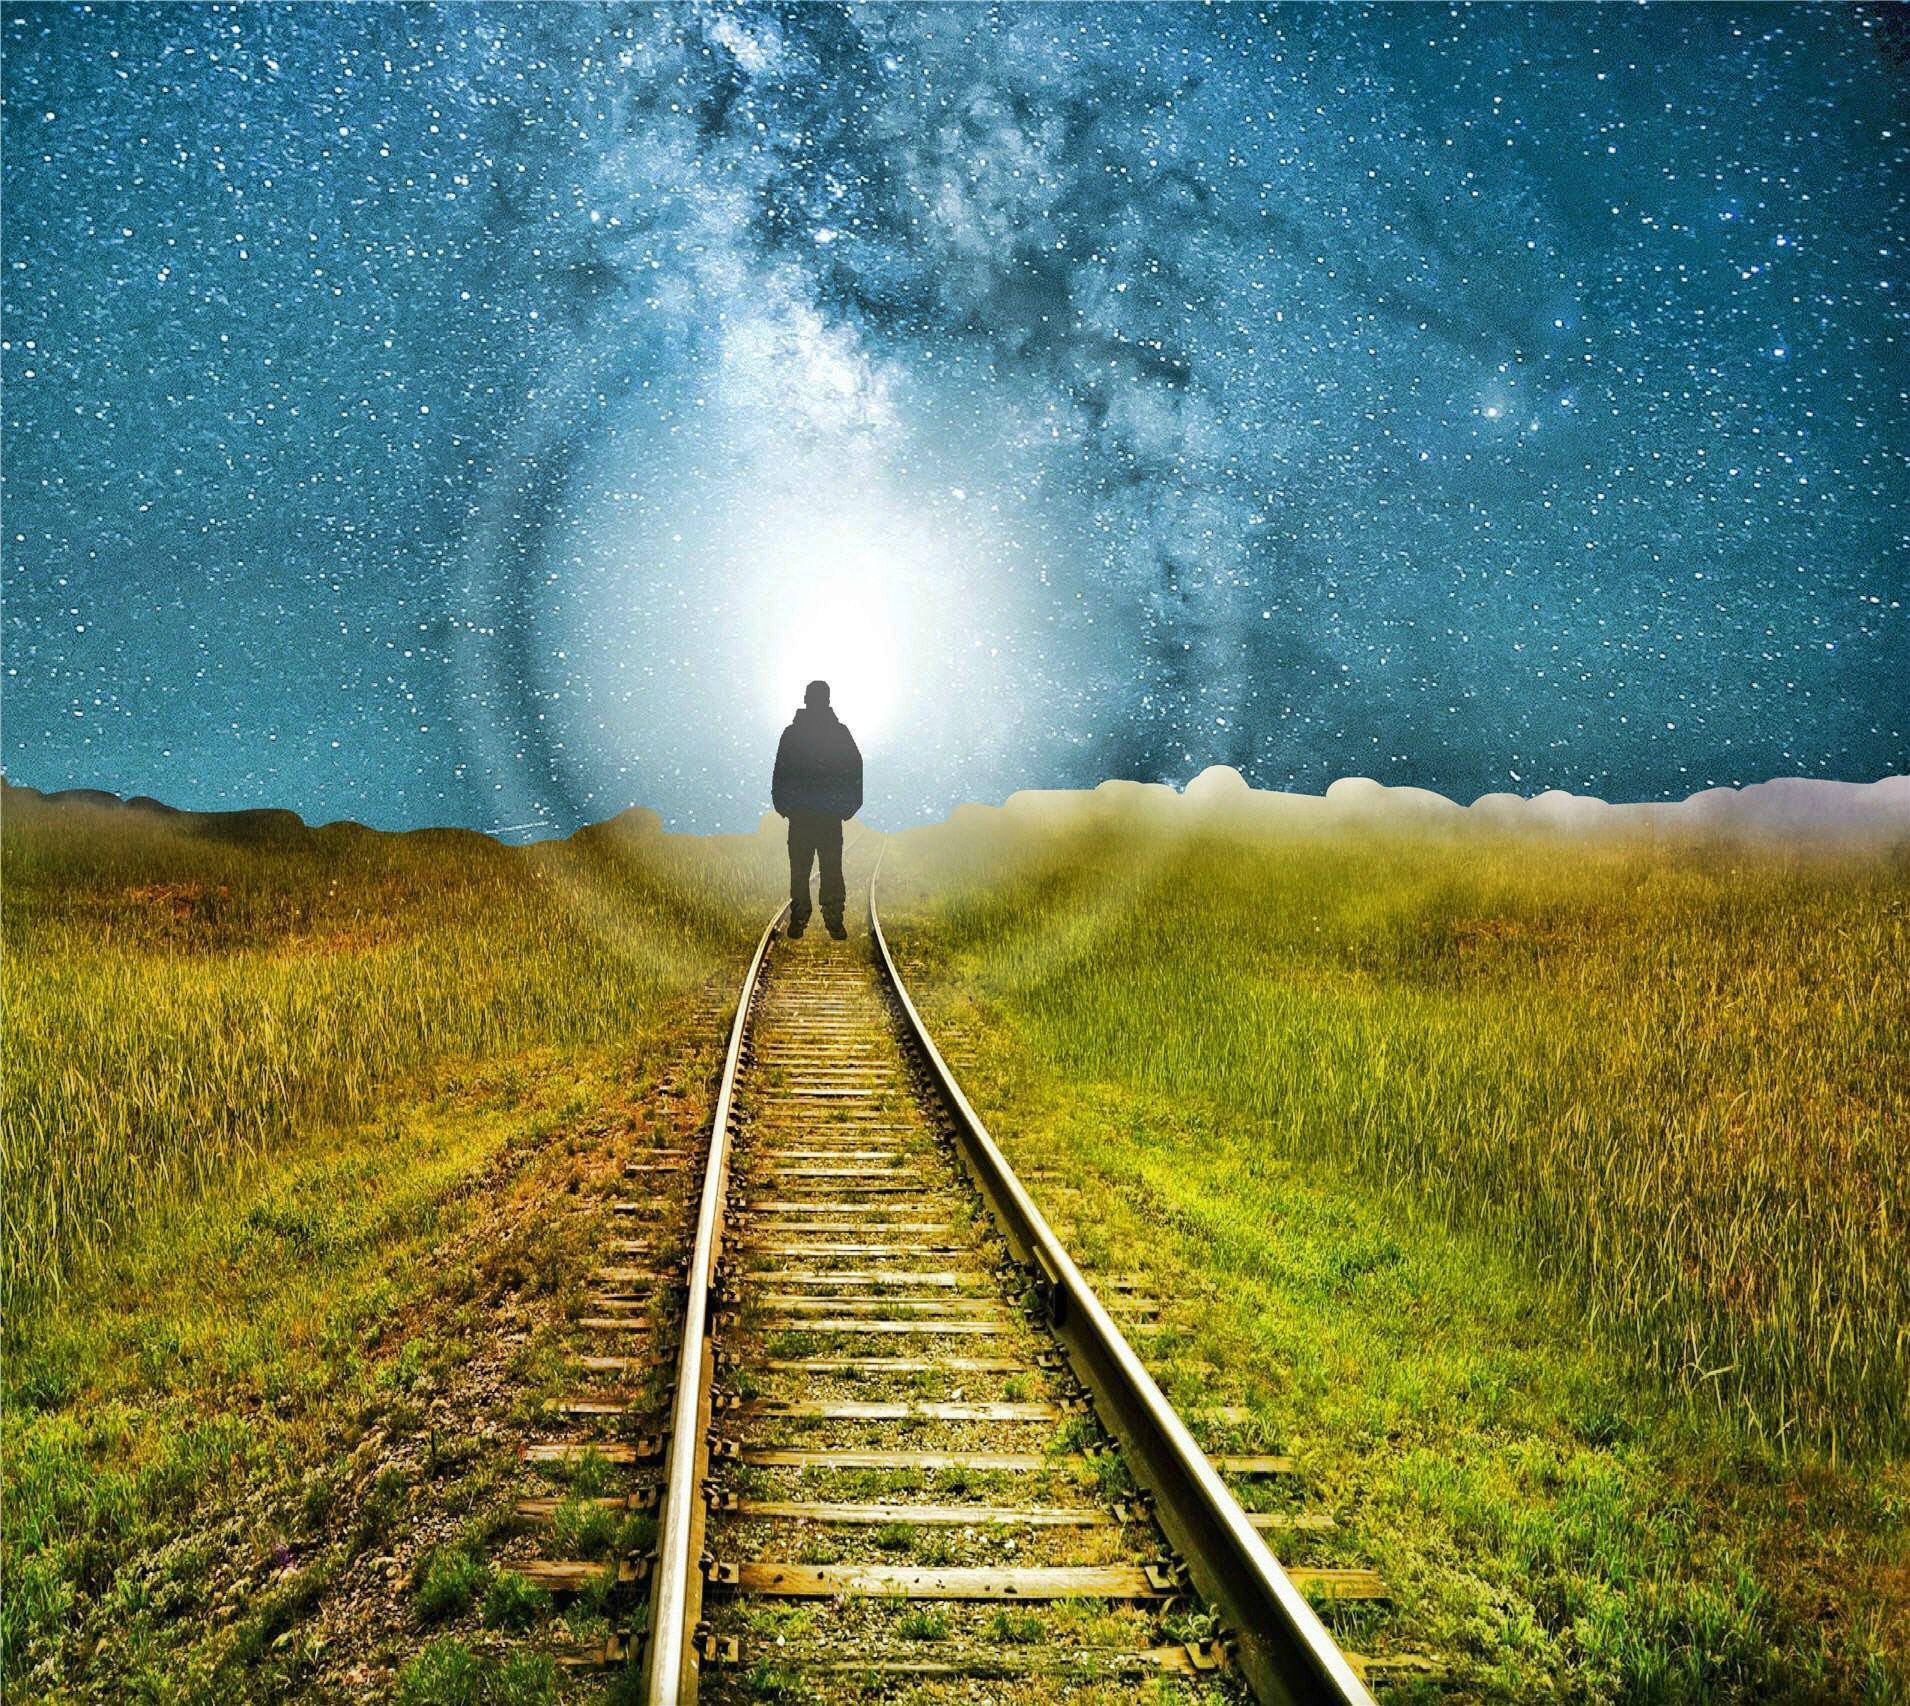 Railroads-01